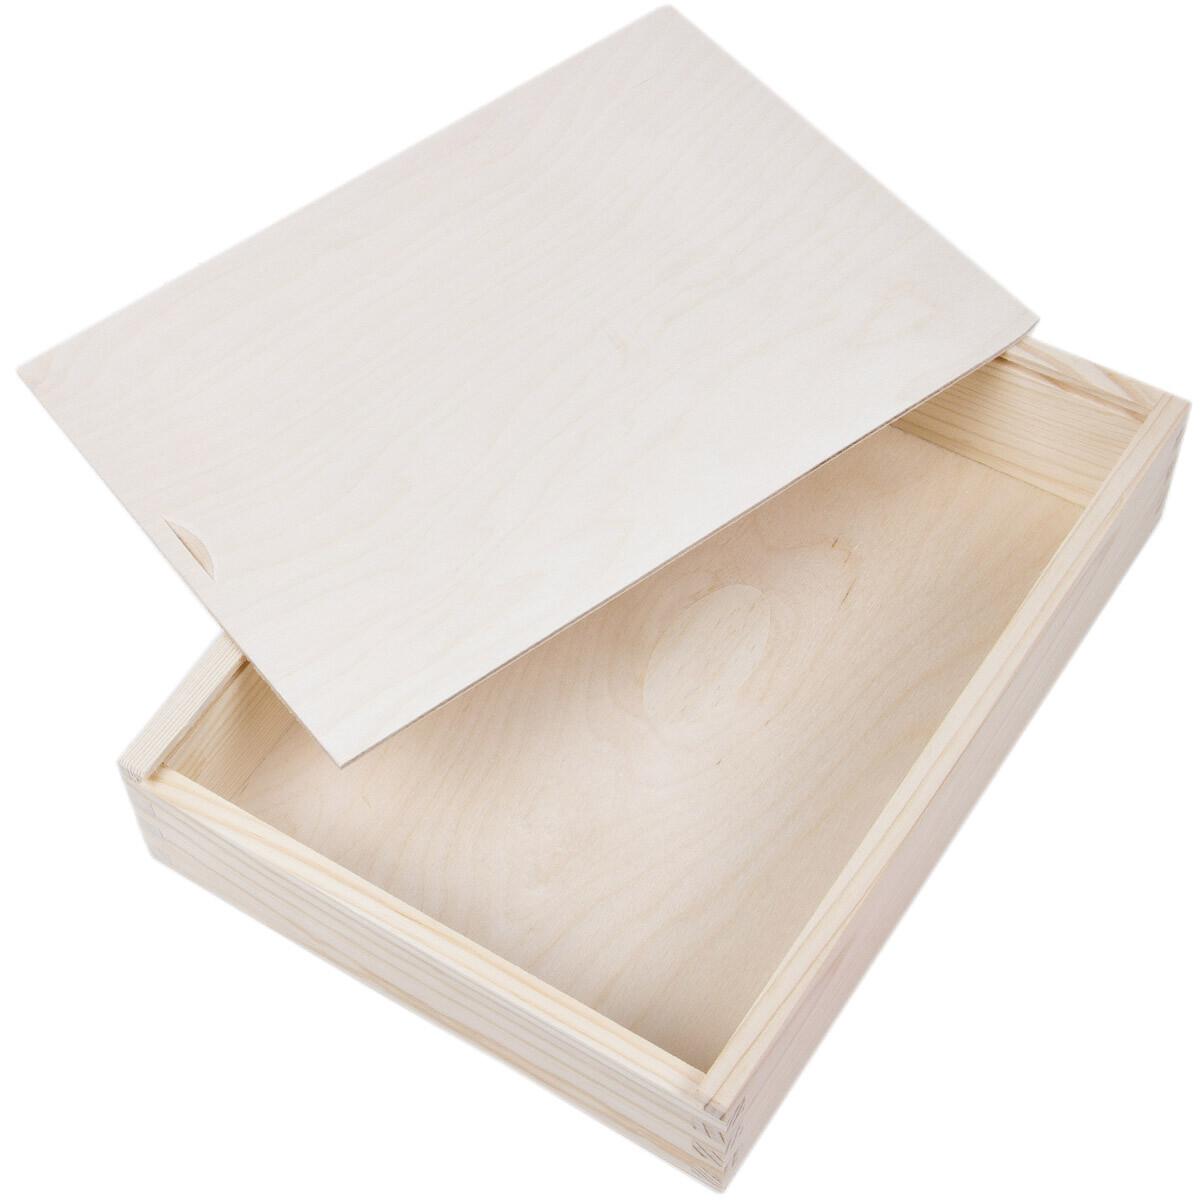 fotokiste fotobox 21 x 28 cm schiebedeckel kiste holz aufbewahrungski. Black Bedroom Furniture Sets. Home Design Ideas